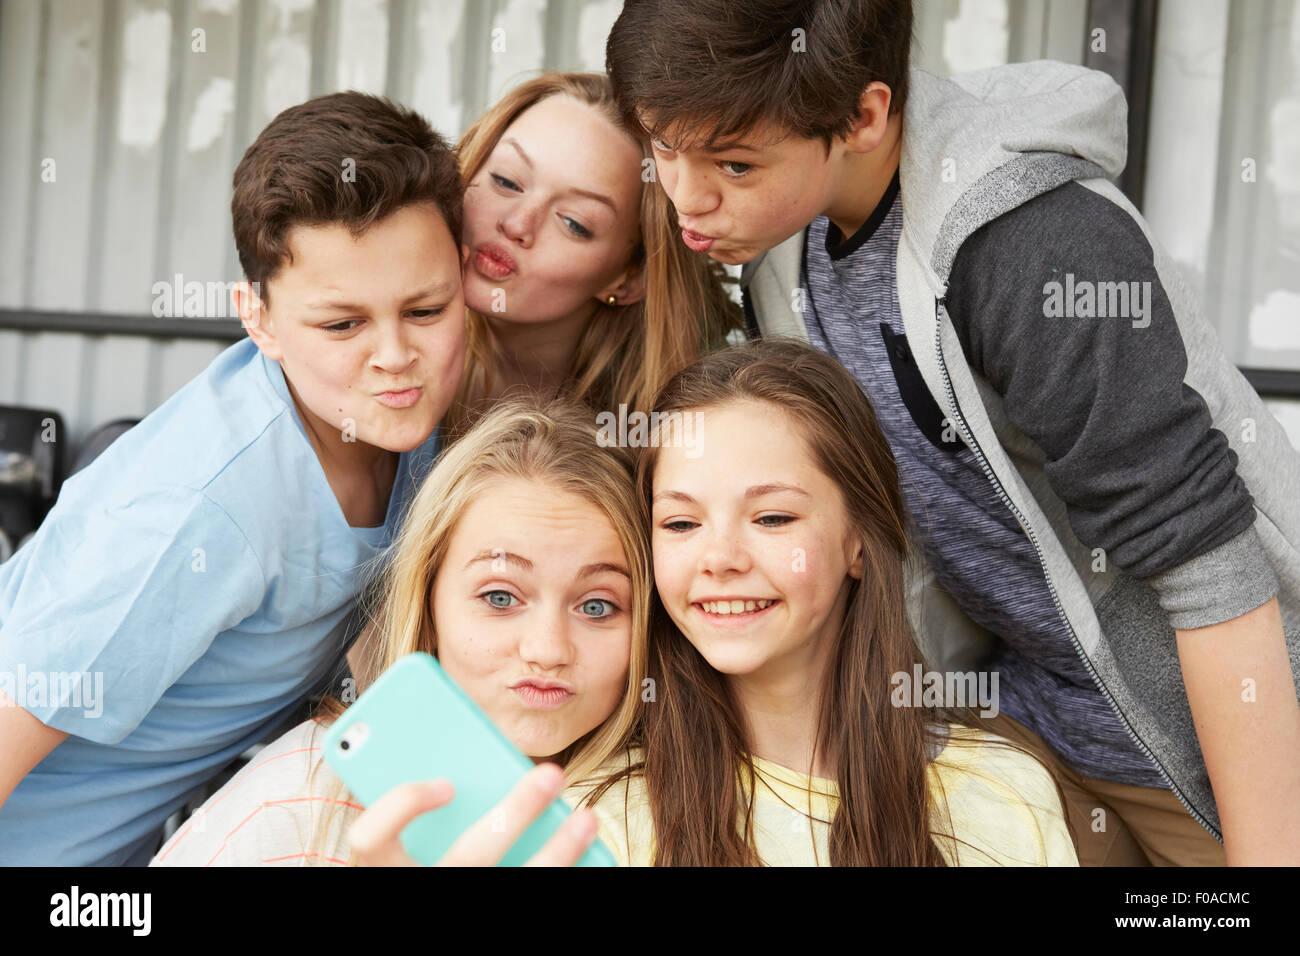 Cinco niños y niñas haciendo caras para smartphone selfie en vivienda Imagen De Stock